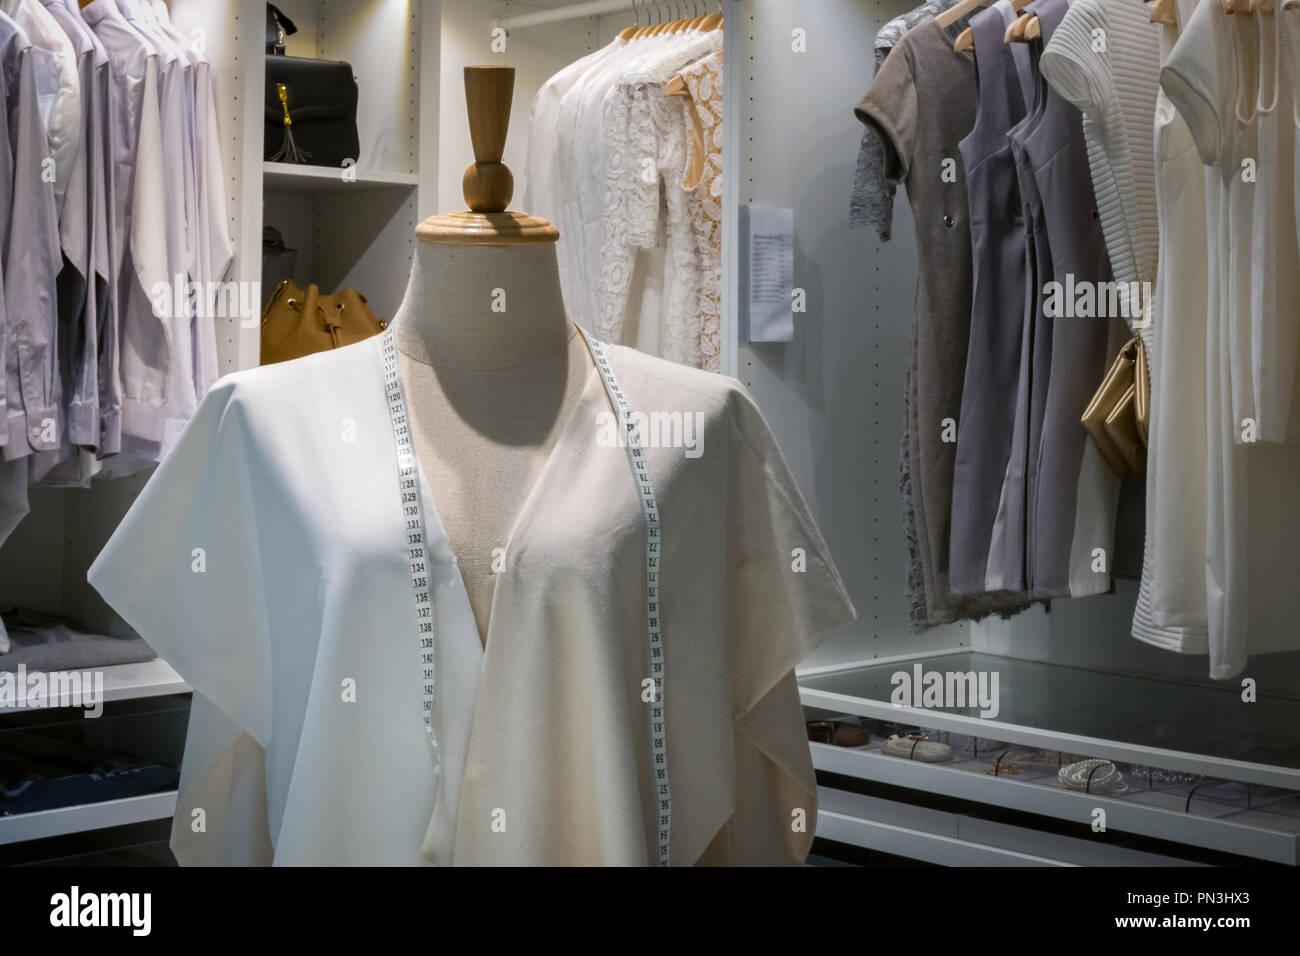 c45e5de2416c61 Maßband am Hals der dummy dummy Display Kunden an Clothing Store oder Mode  Shop mit Männer Hemd